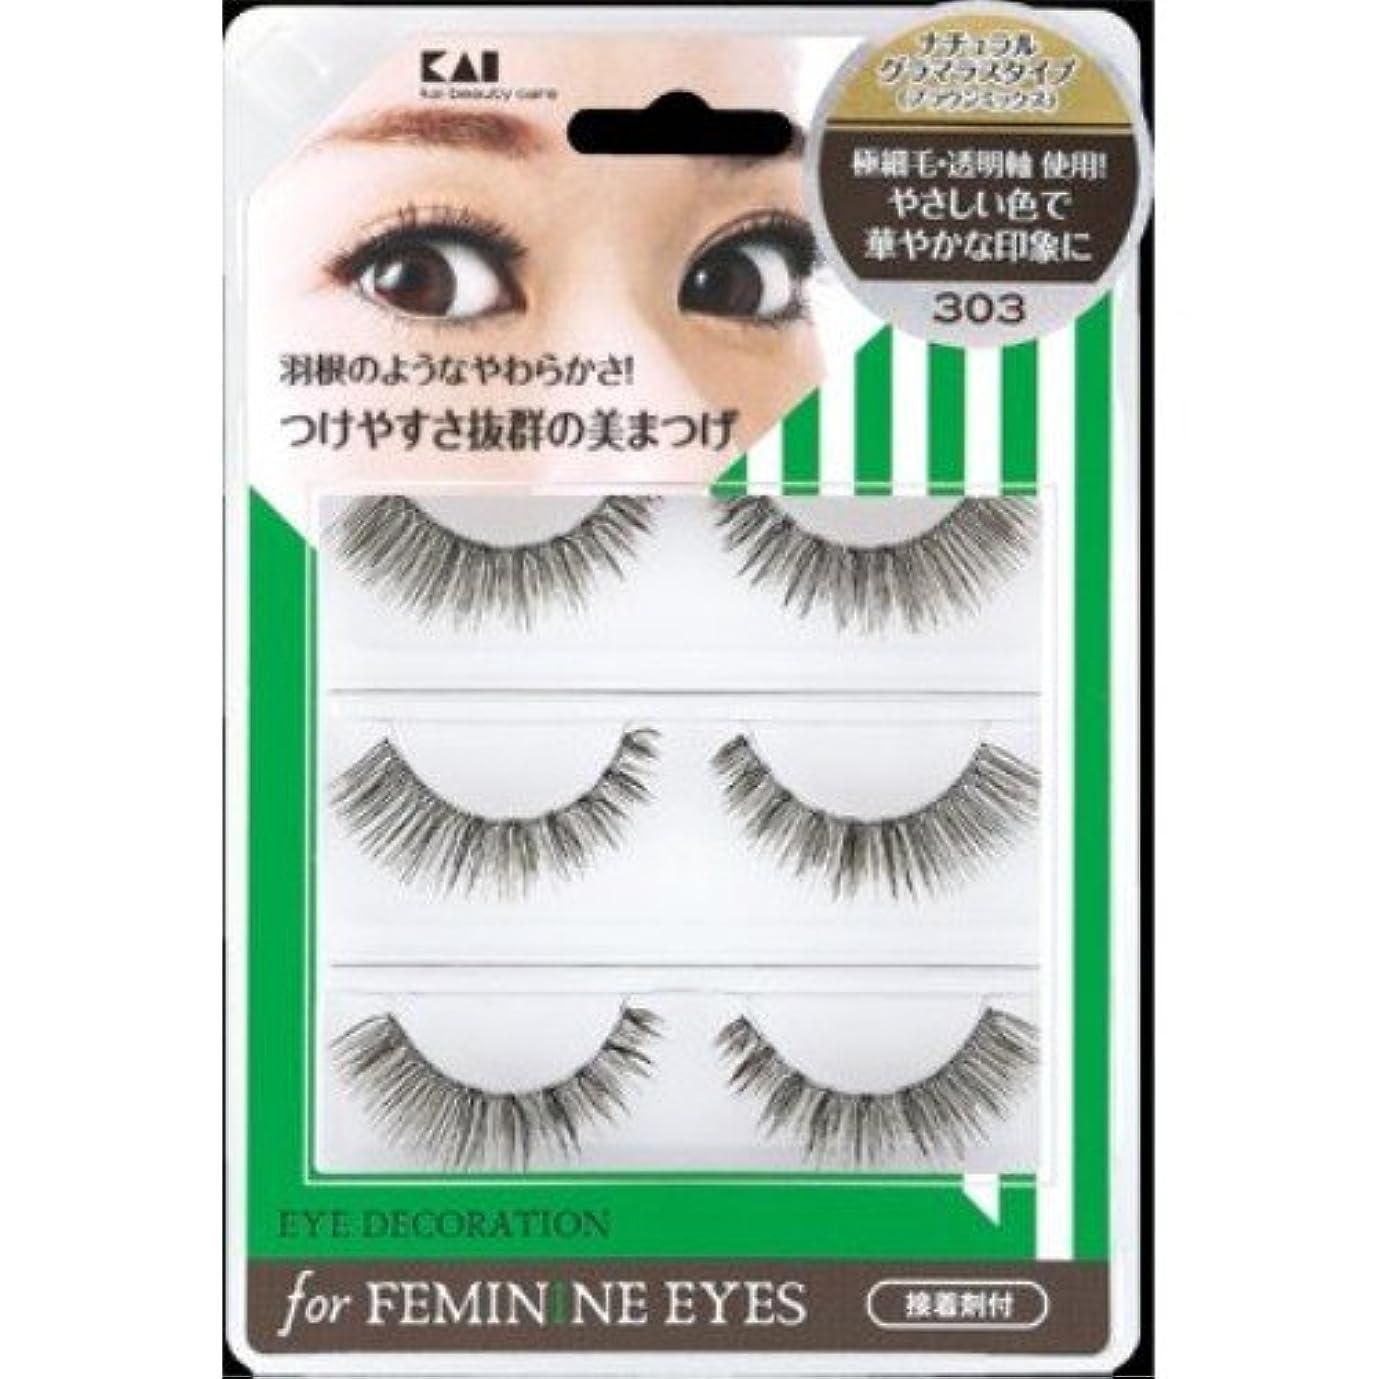 前方へ役割介入する貝印 アイデコレーション for feminine eyes 303 HC1563